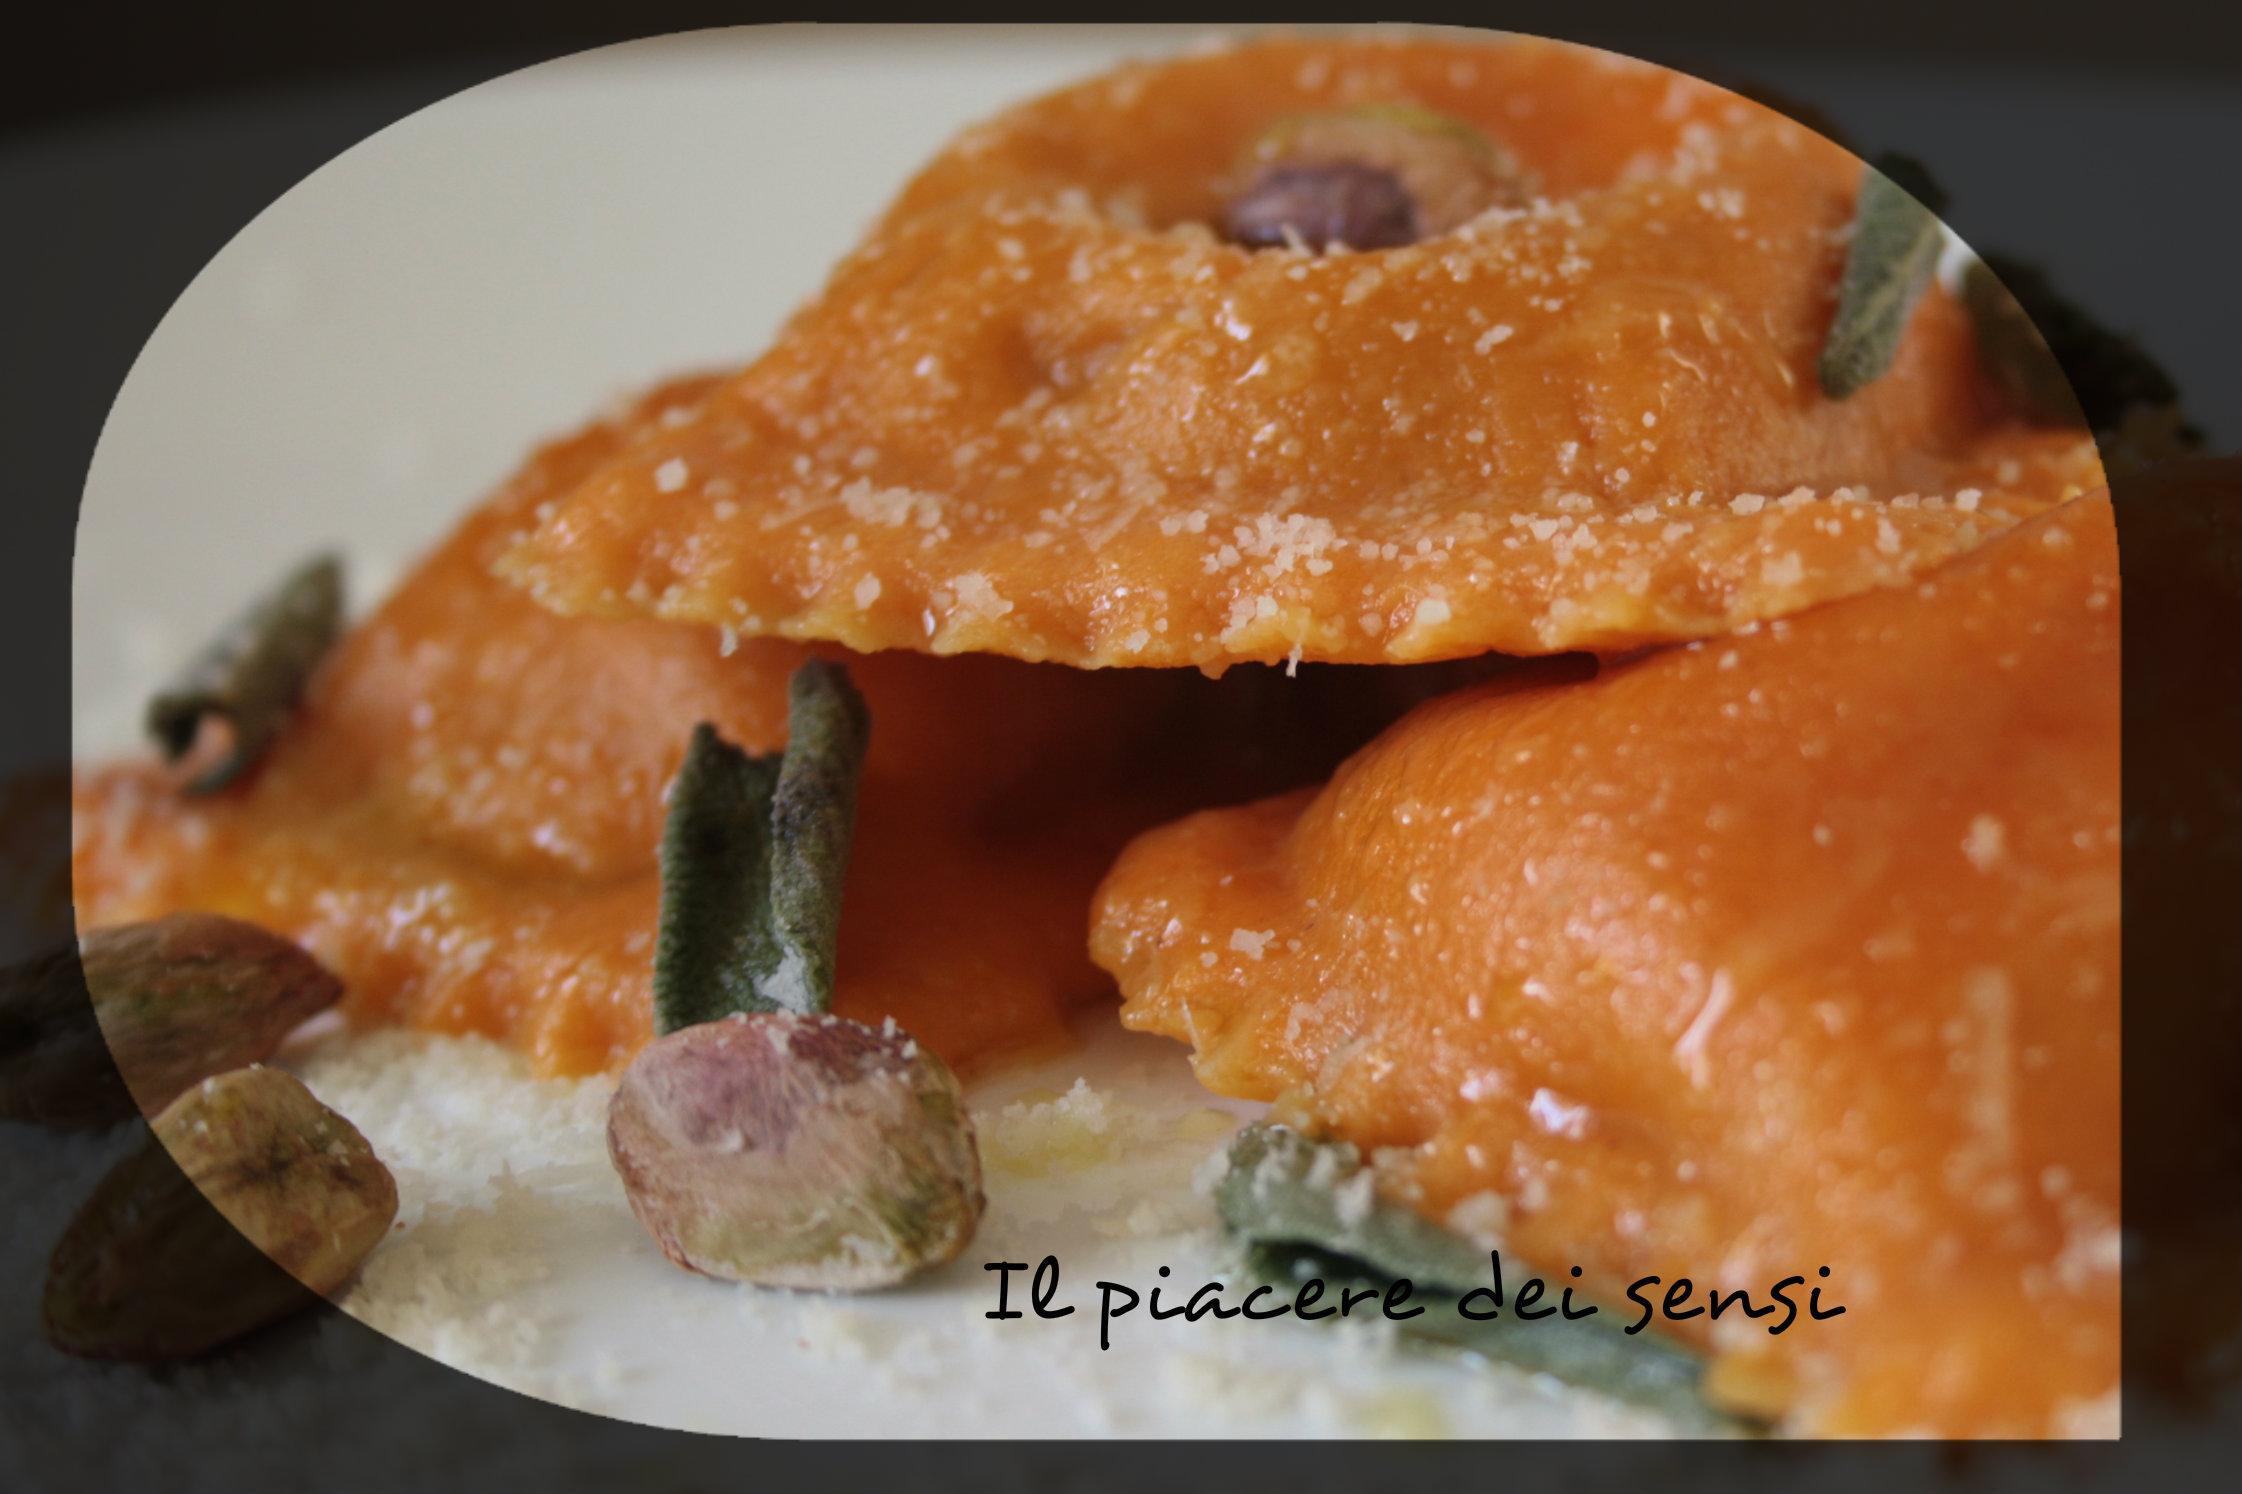 Ravioloni al pecorino dolce con pistacchi